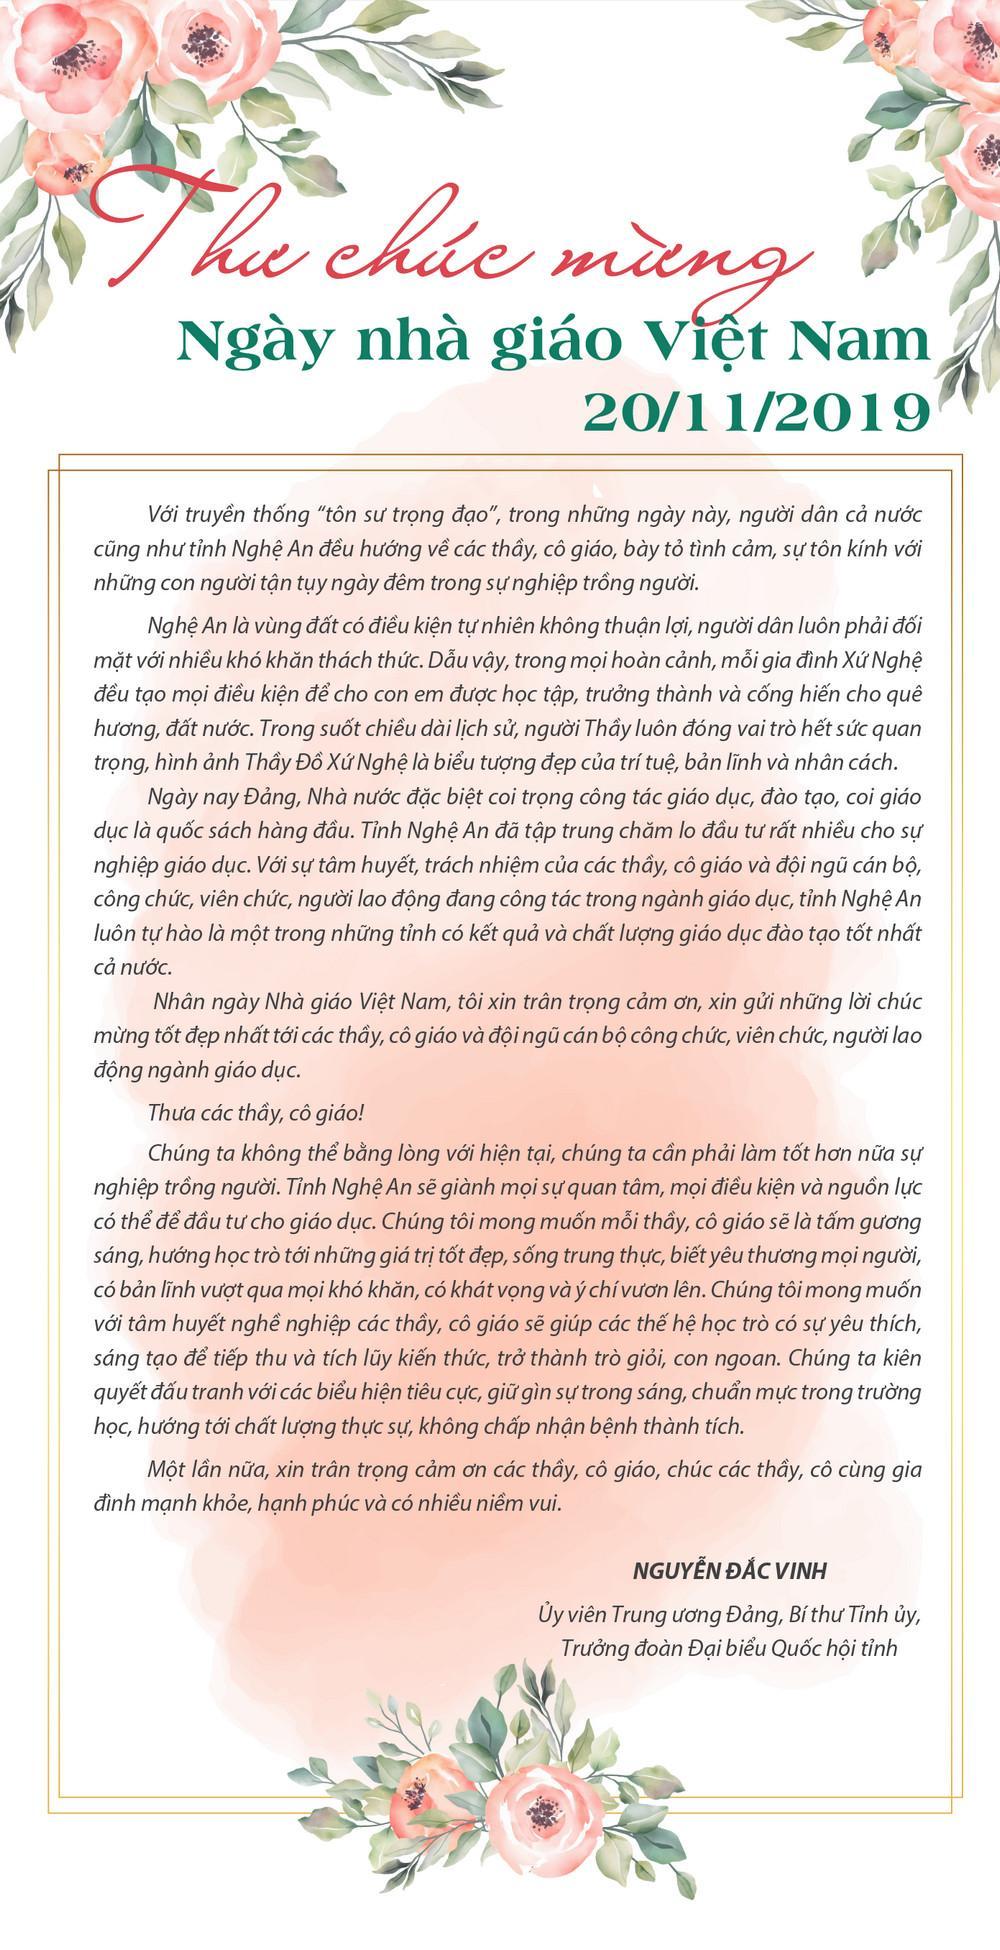 Bí thư Tỉnh ủy Nguyễn Đắc Vinh gửi thư chúc mừng nhân ngày Nhà giáo Việt Nam